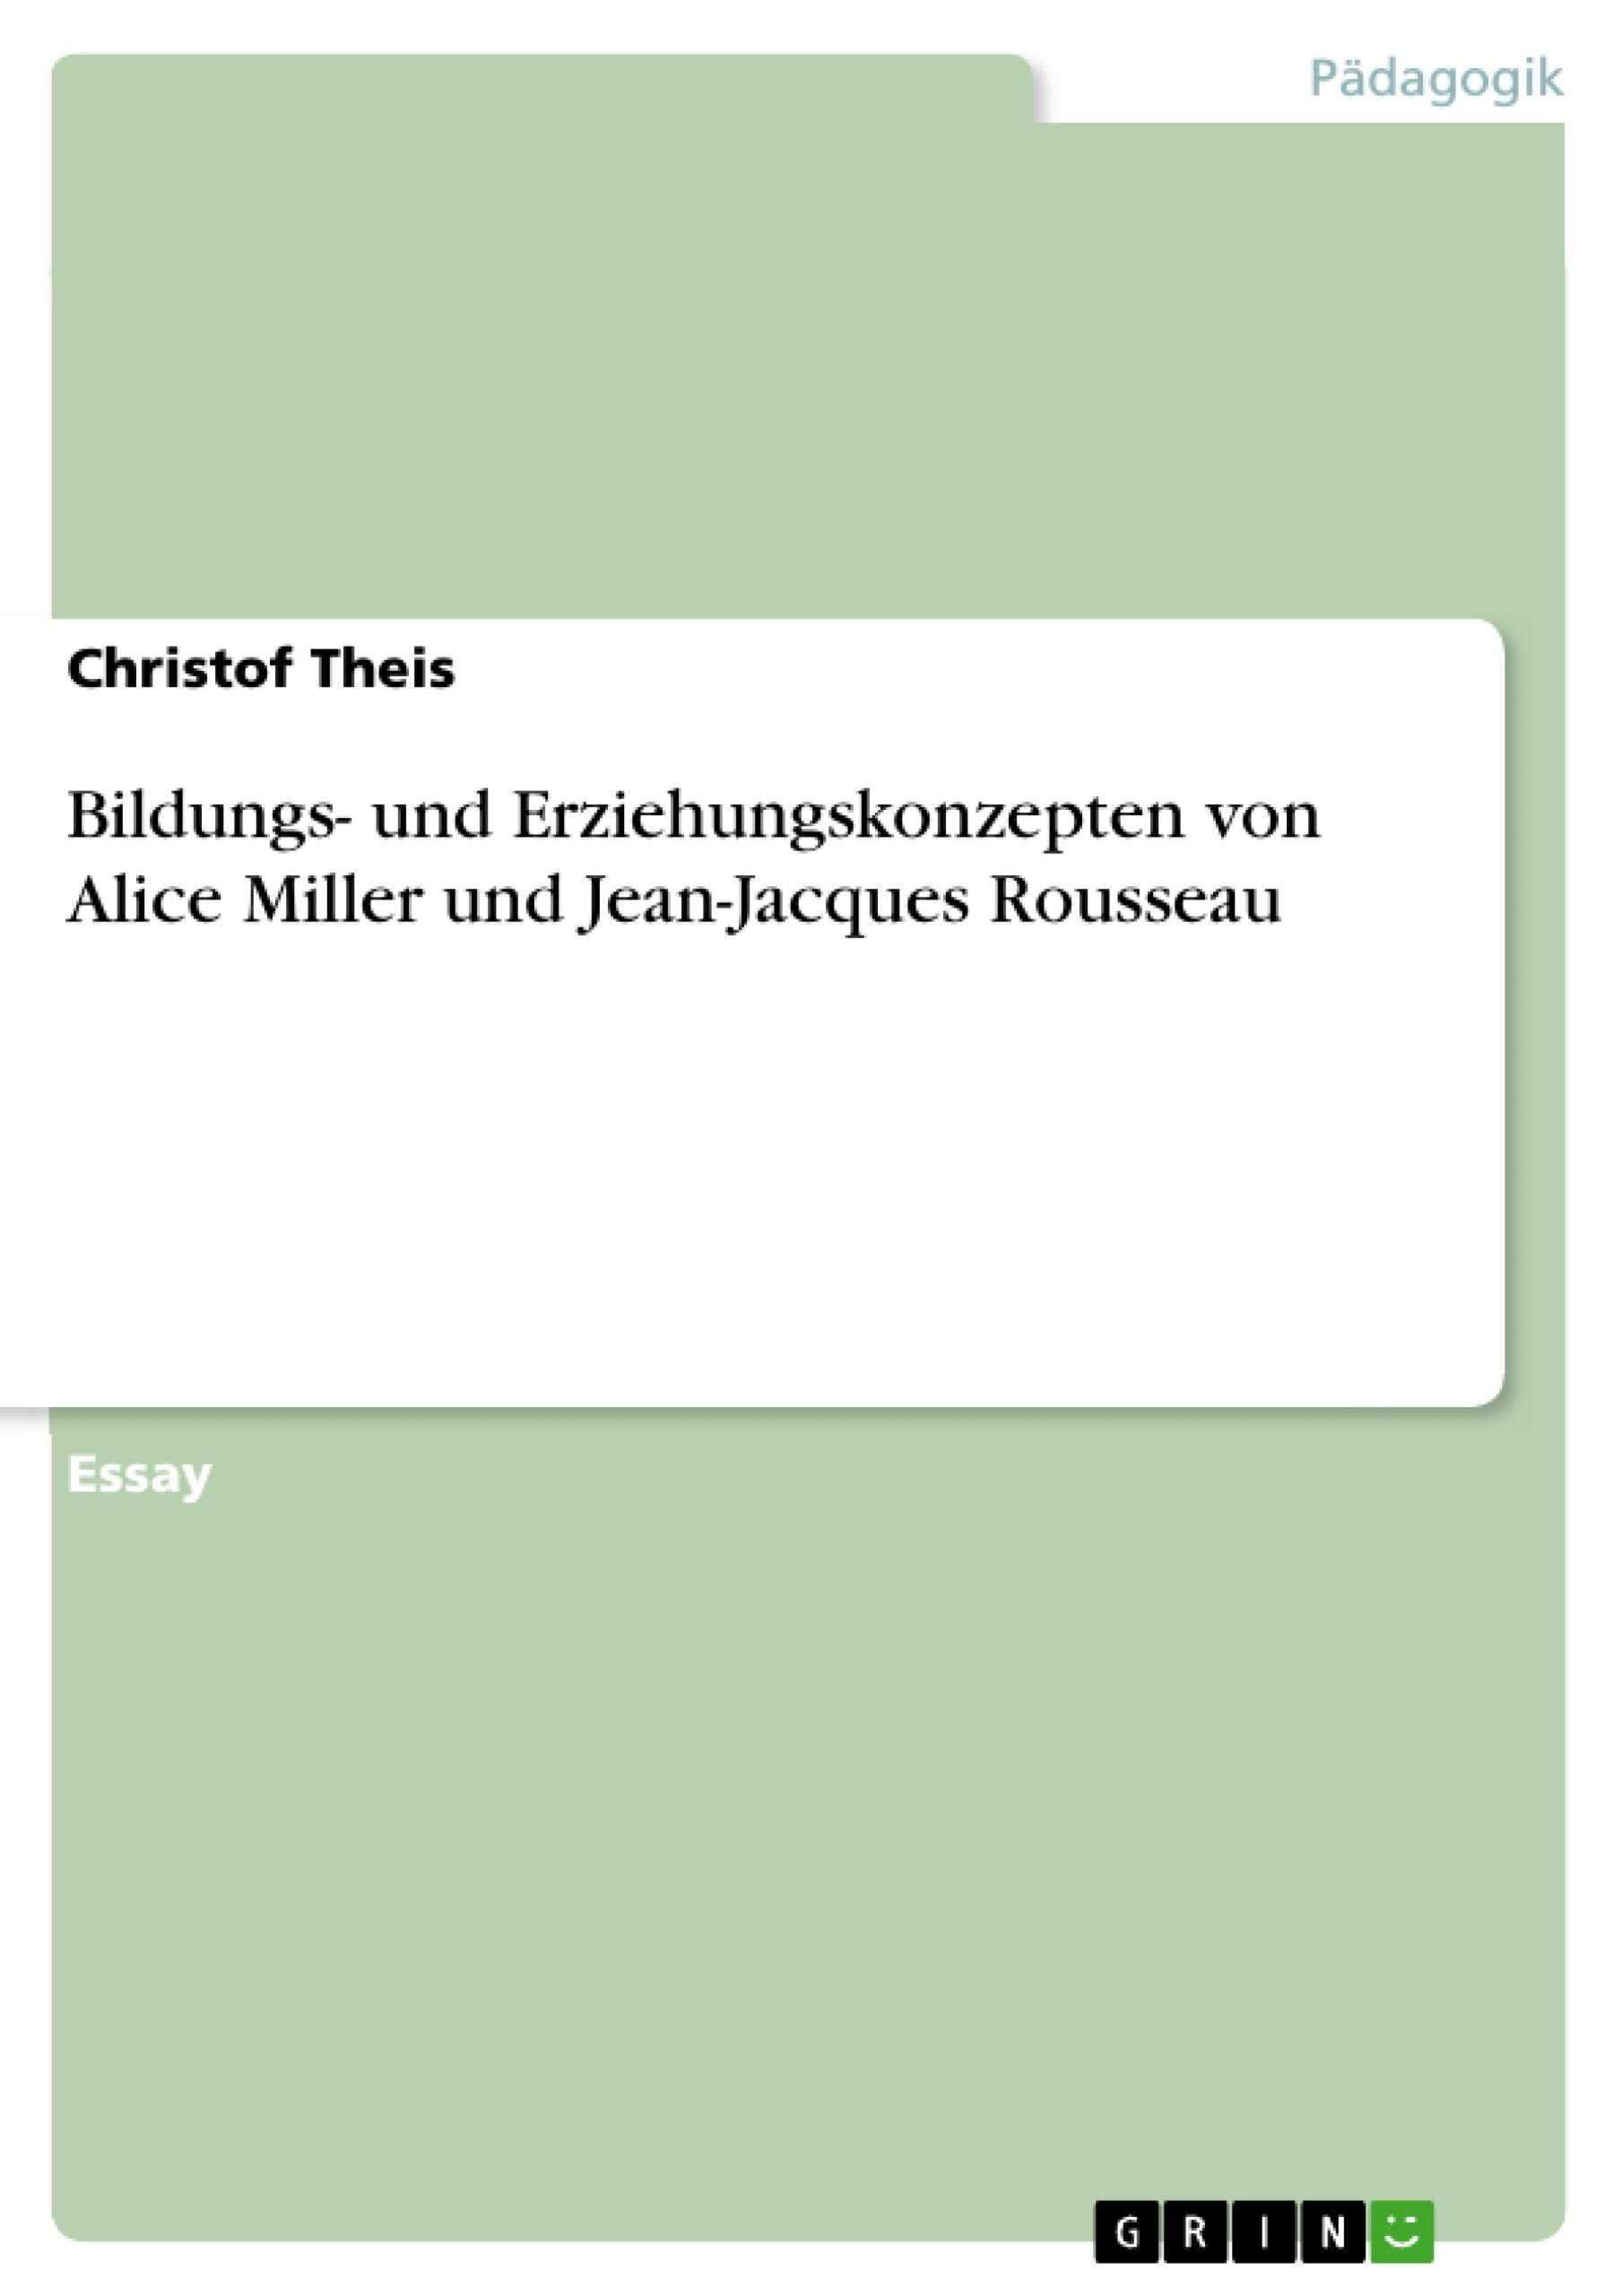 Titel: Bildungs- und Erziehungskonzepten von Alice Miller und Jean-Jacques Rousseau